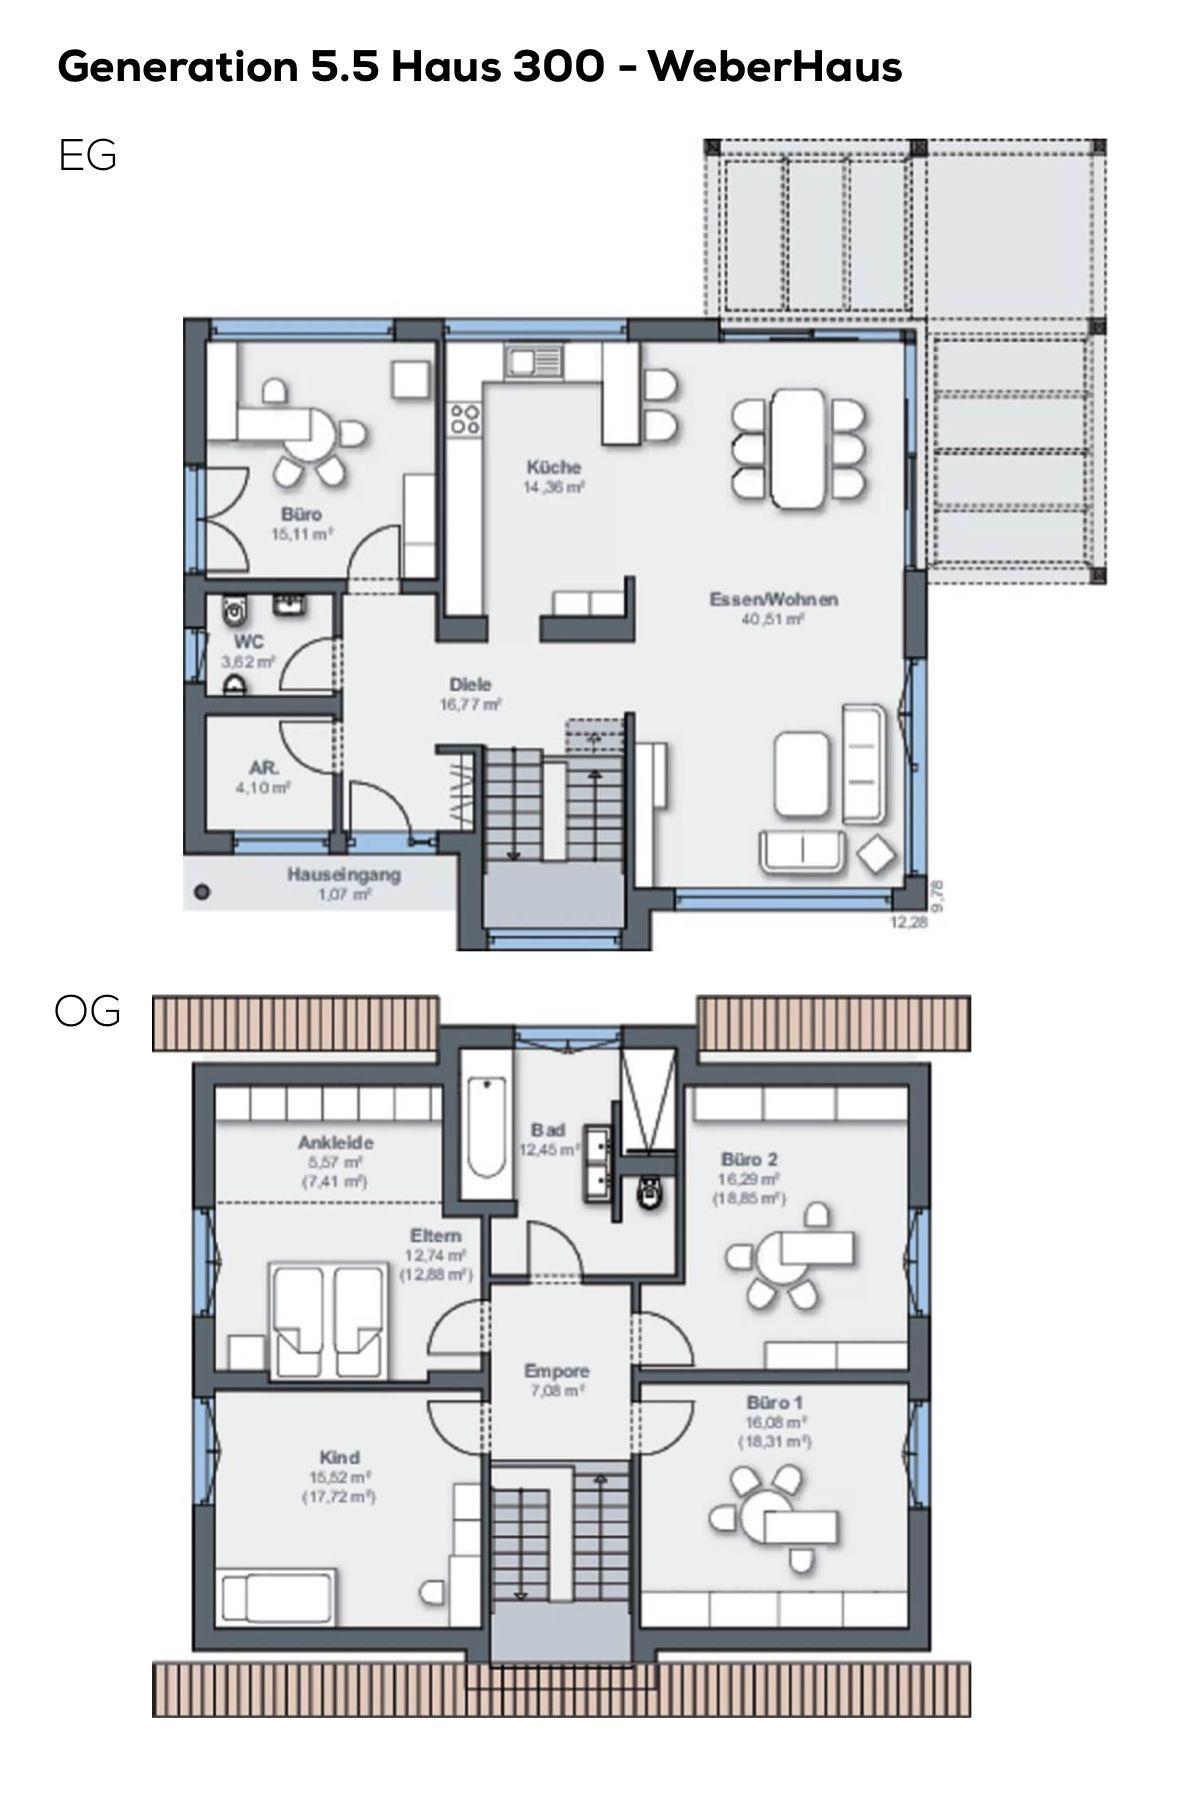 Grundriss Einfamilienhaus - 6 Zimmer ohne Keller, offene ...